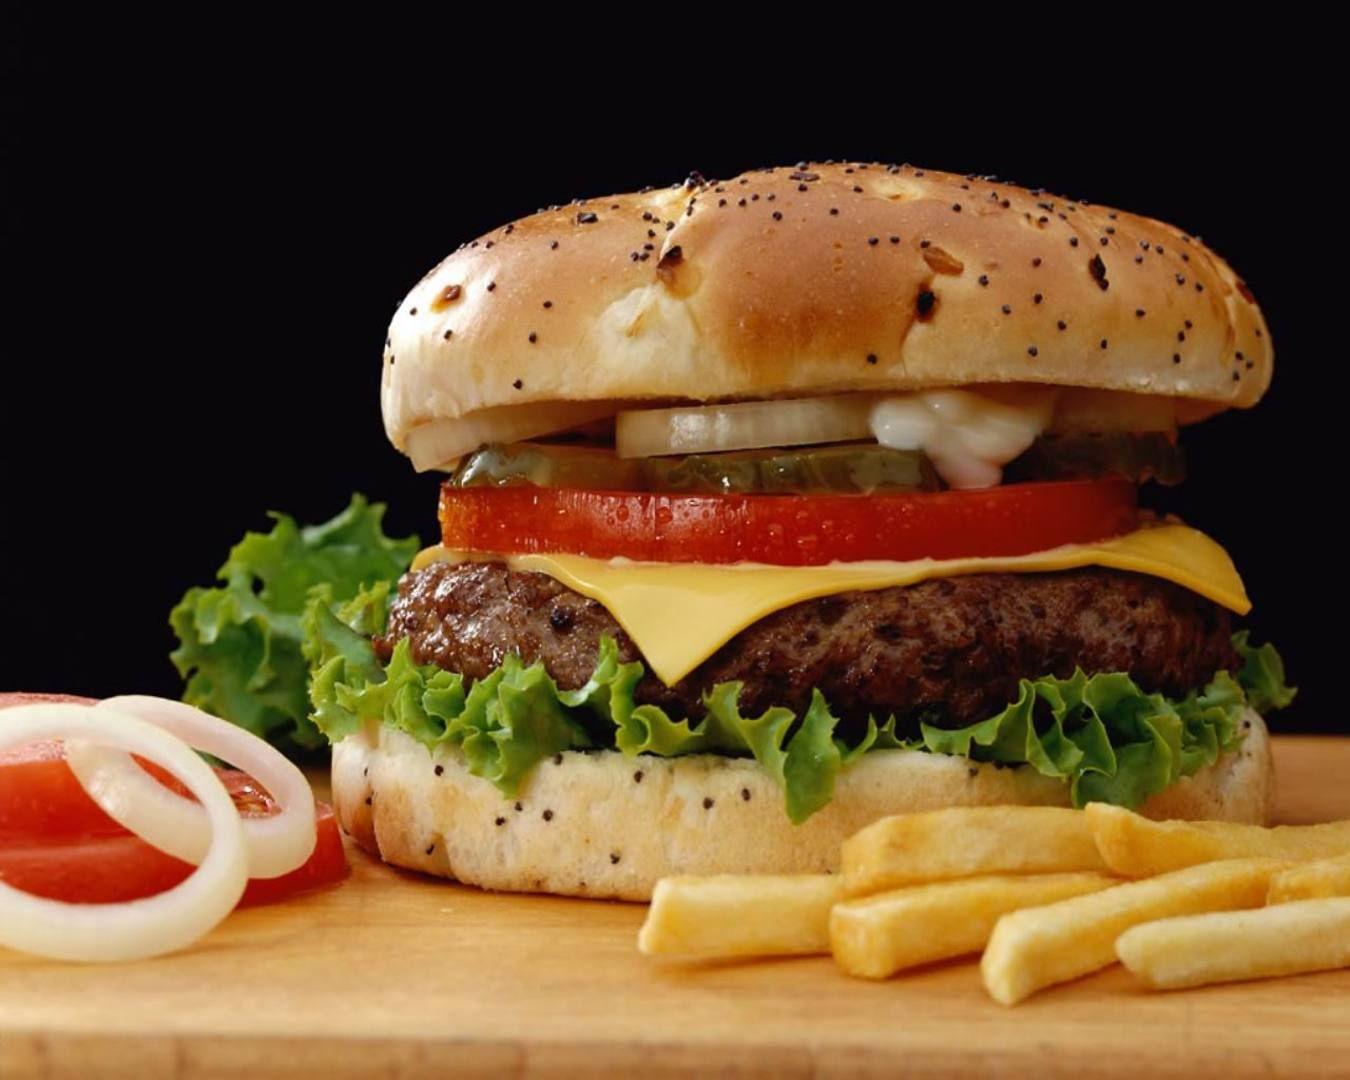 hamburger and fries wallpaper - photo #8